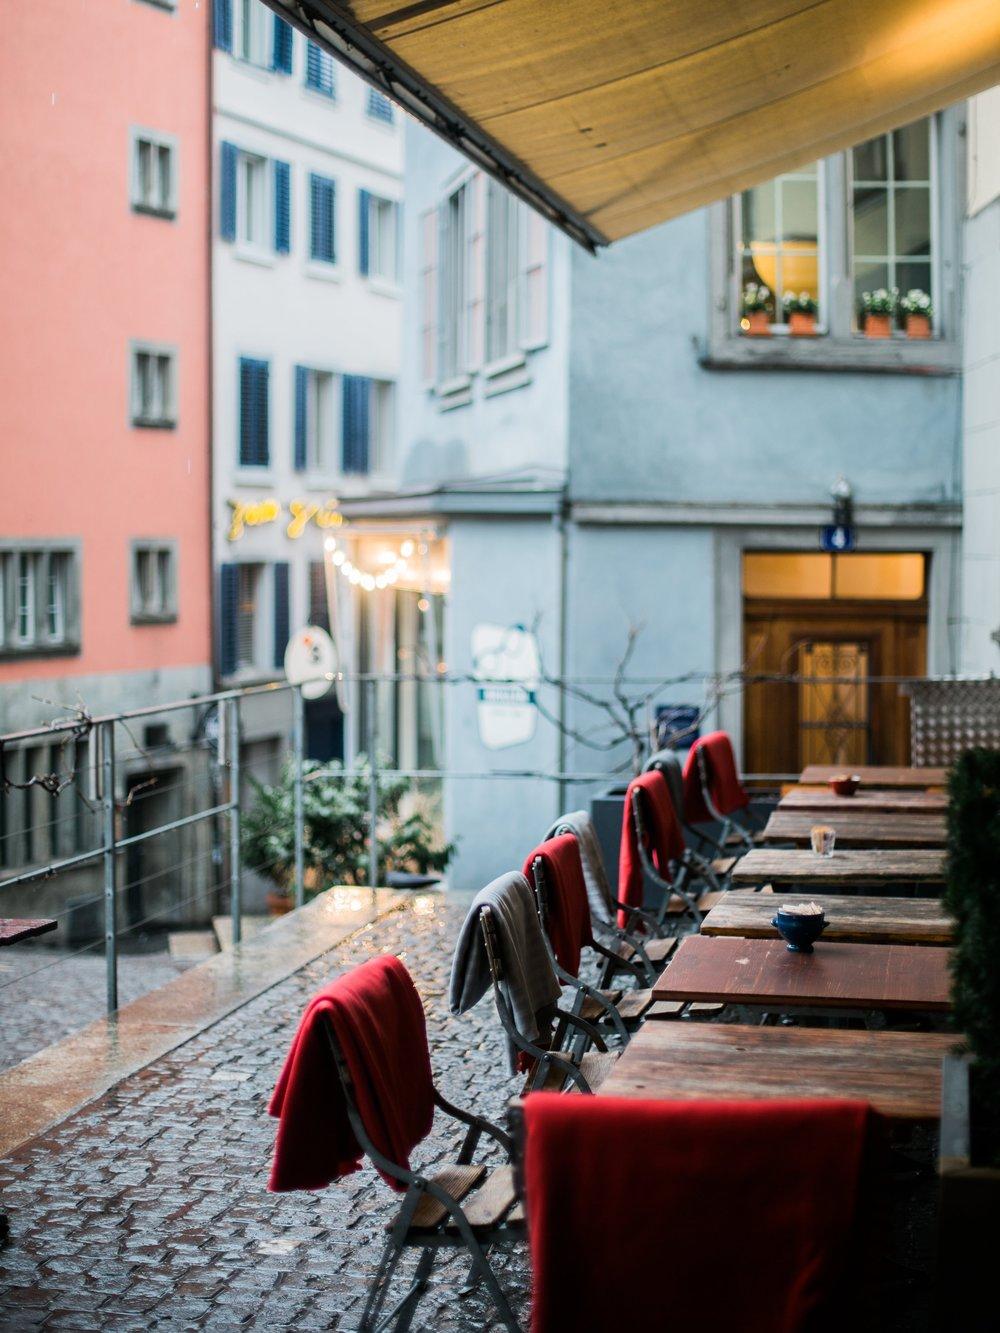 Coffee shop in Zurich